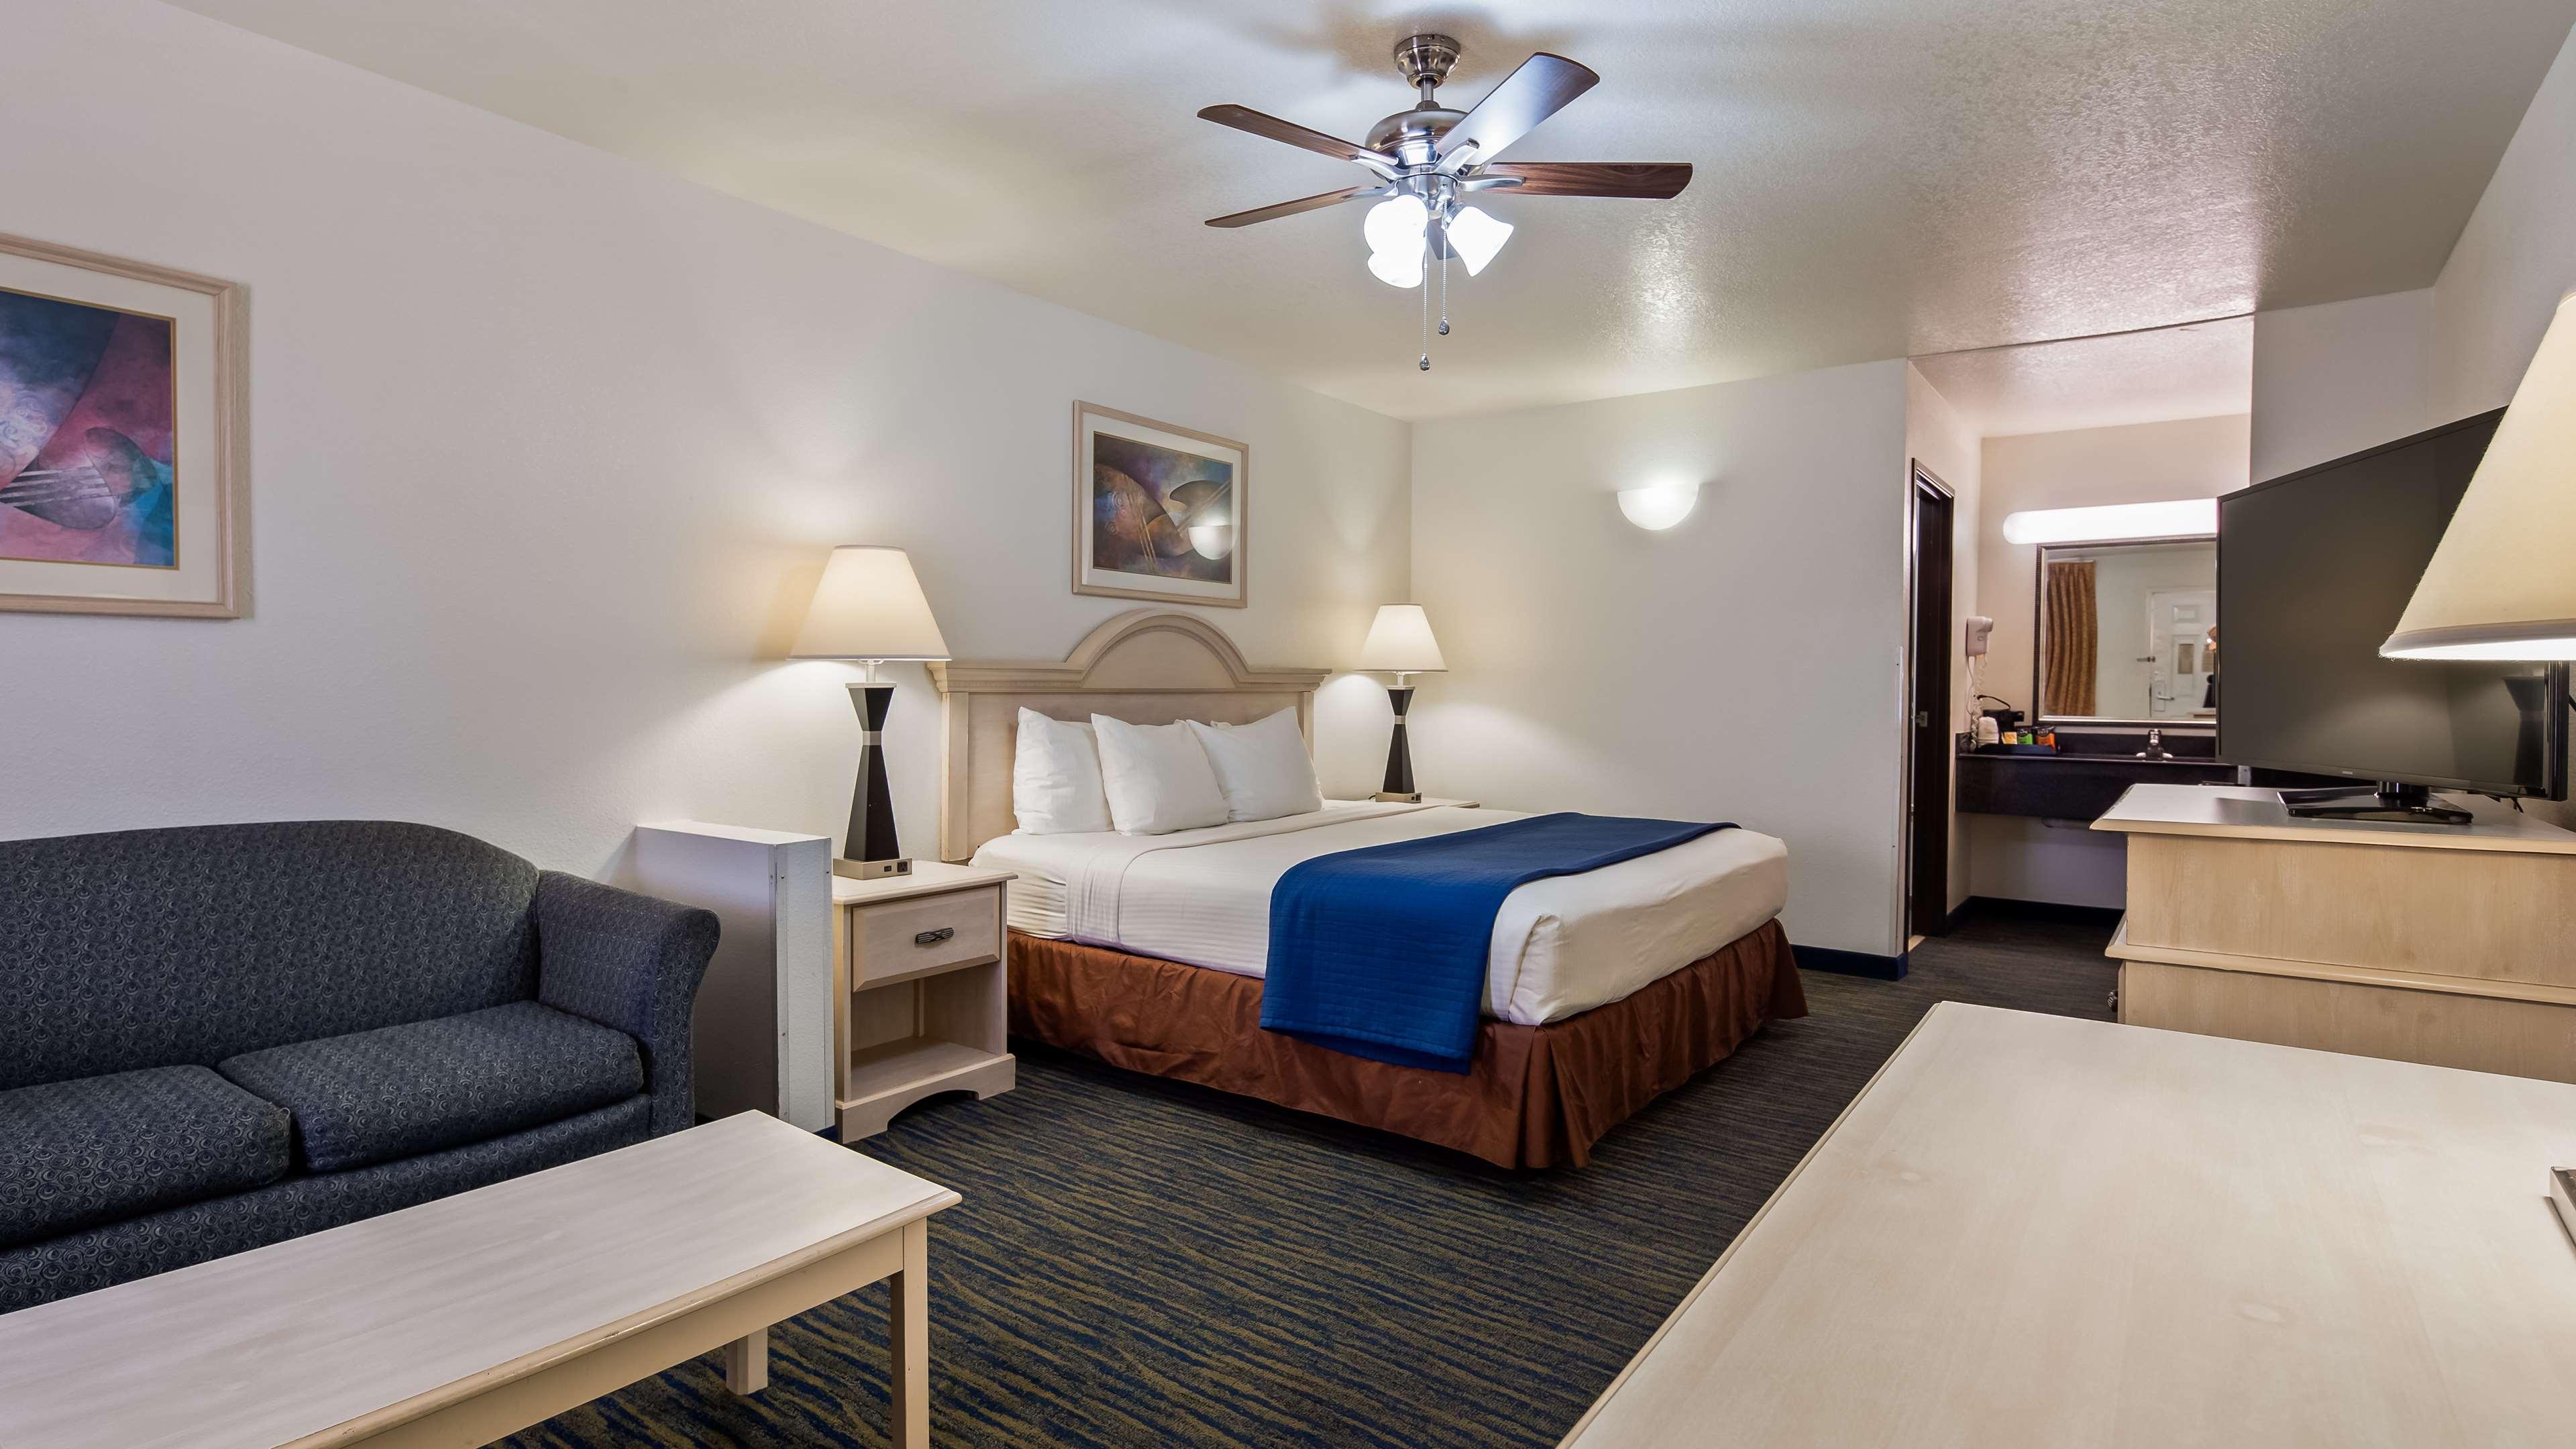 SureStay Hotel by Best Western Falfurrias image 19